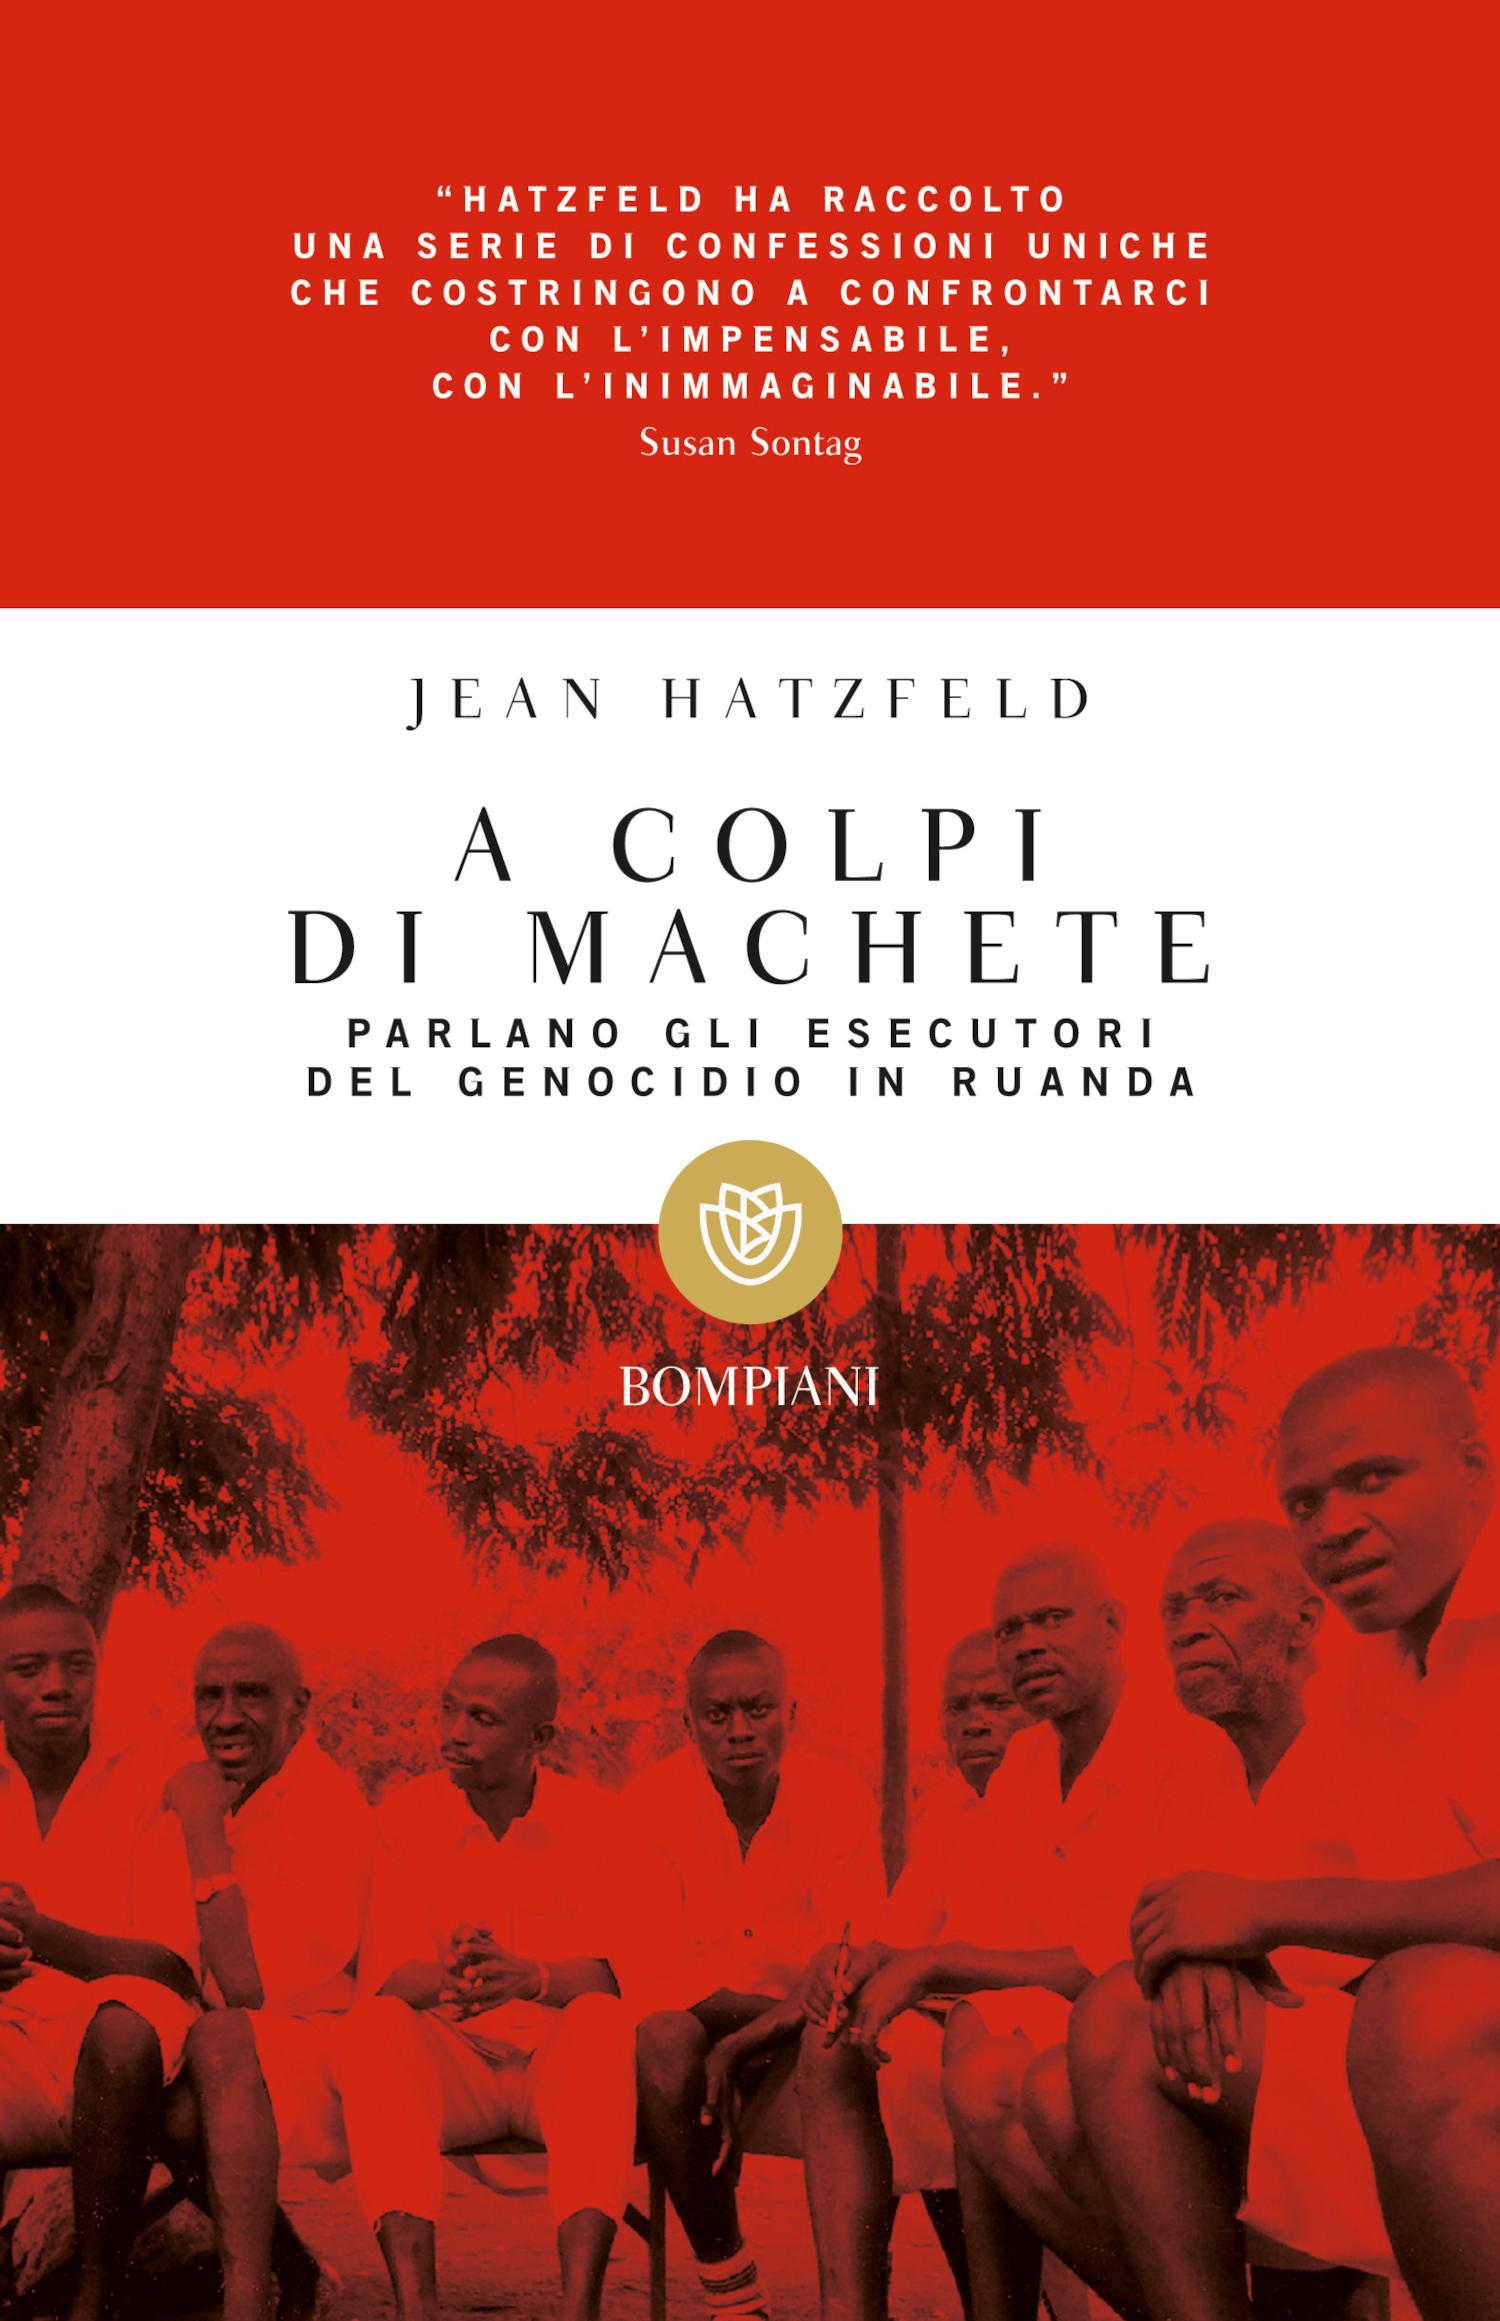 A colpi di machete. Parlano gli esecutori del genocidio in Ruanda